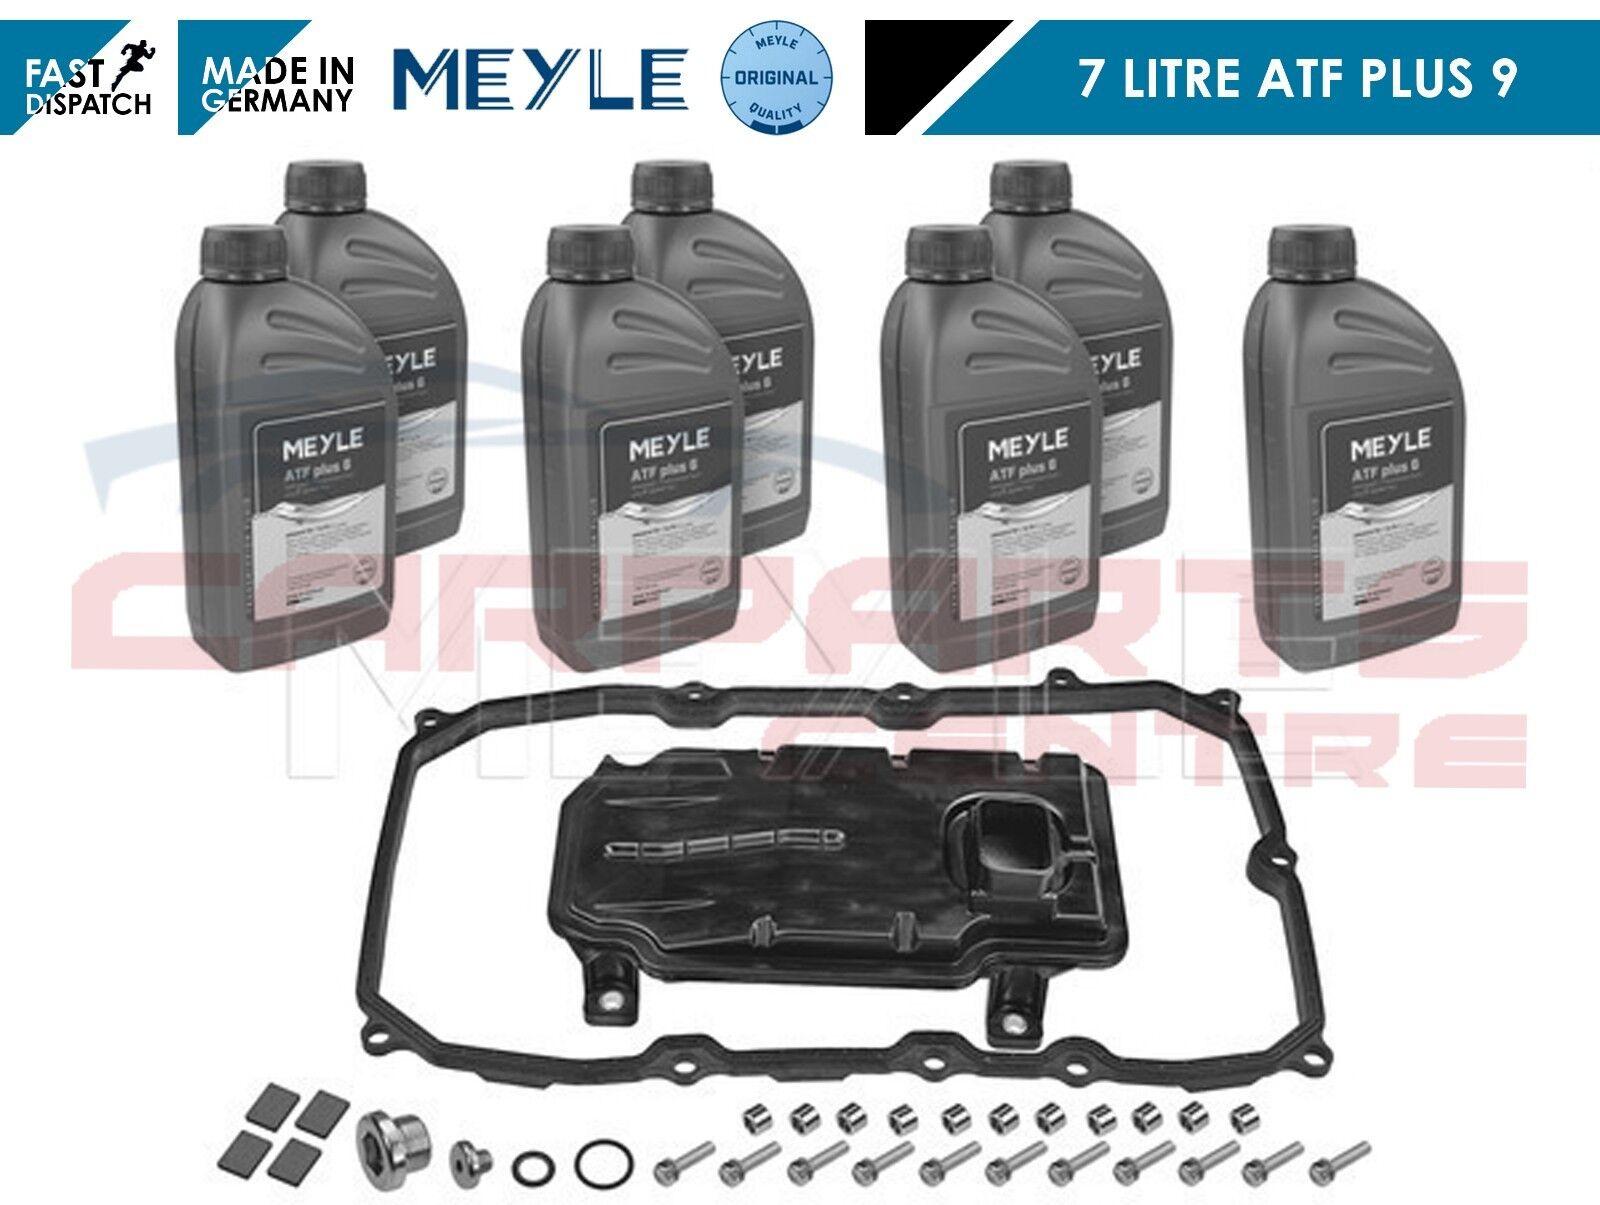 For Audi Q7 Porsche Cayenne Vw Touareg Automatic Transmission Oil